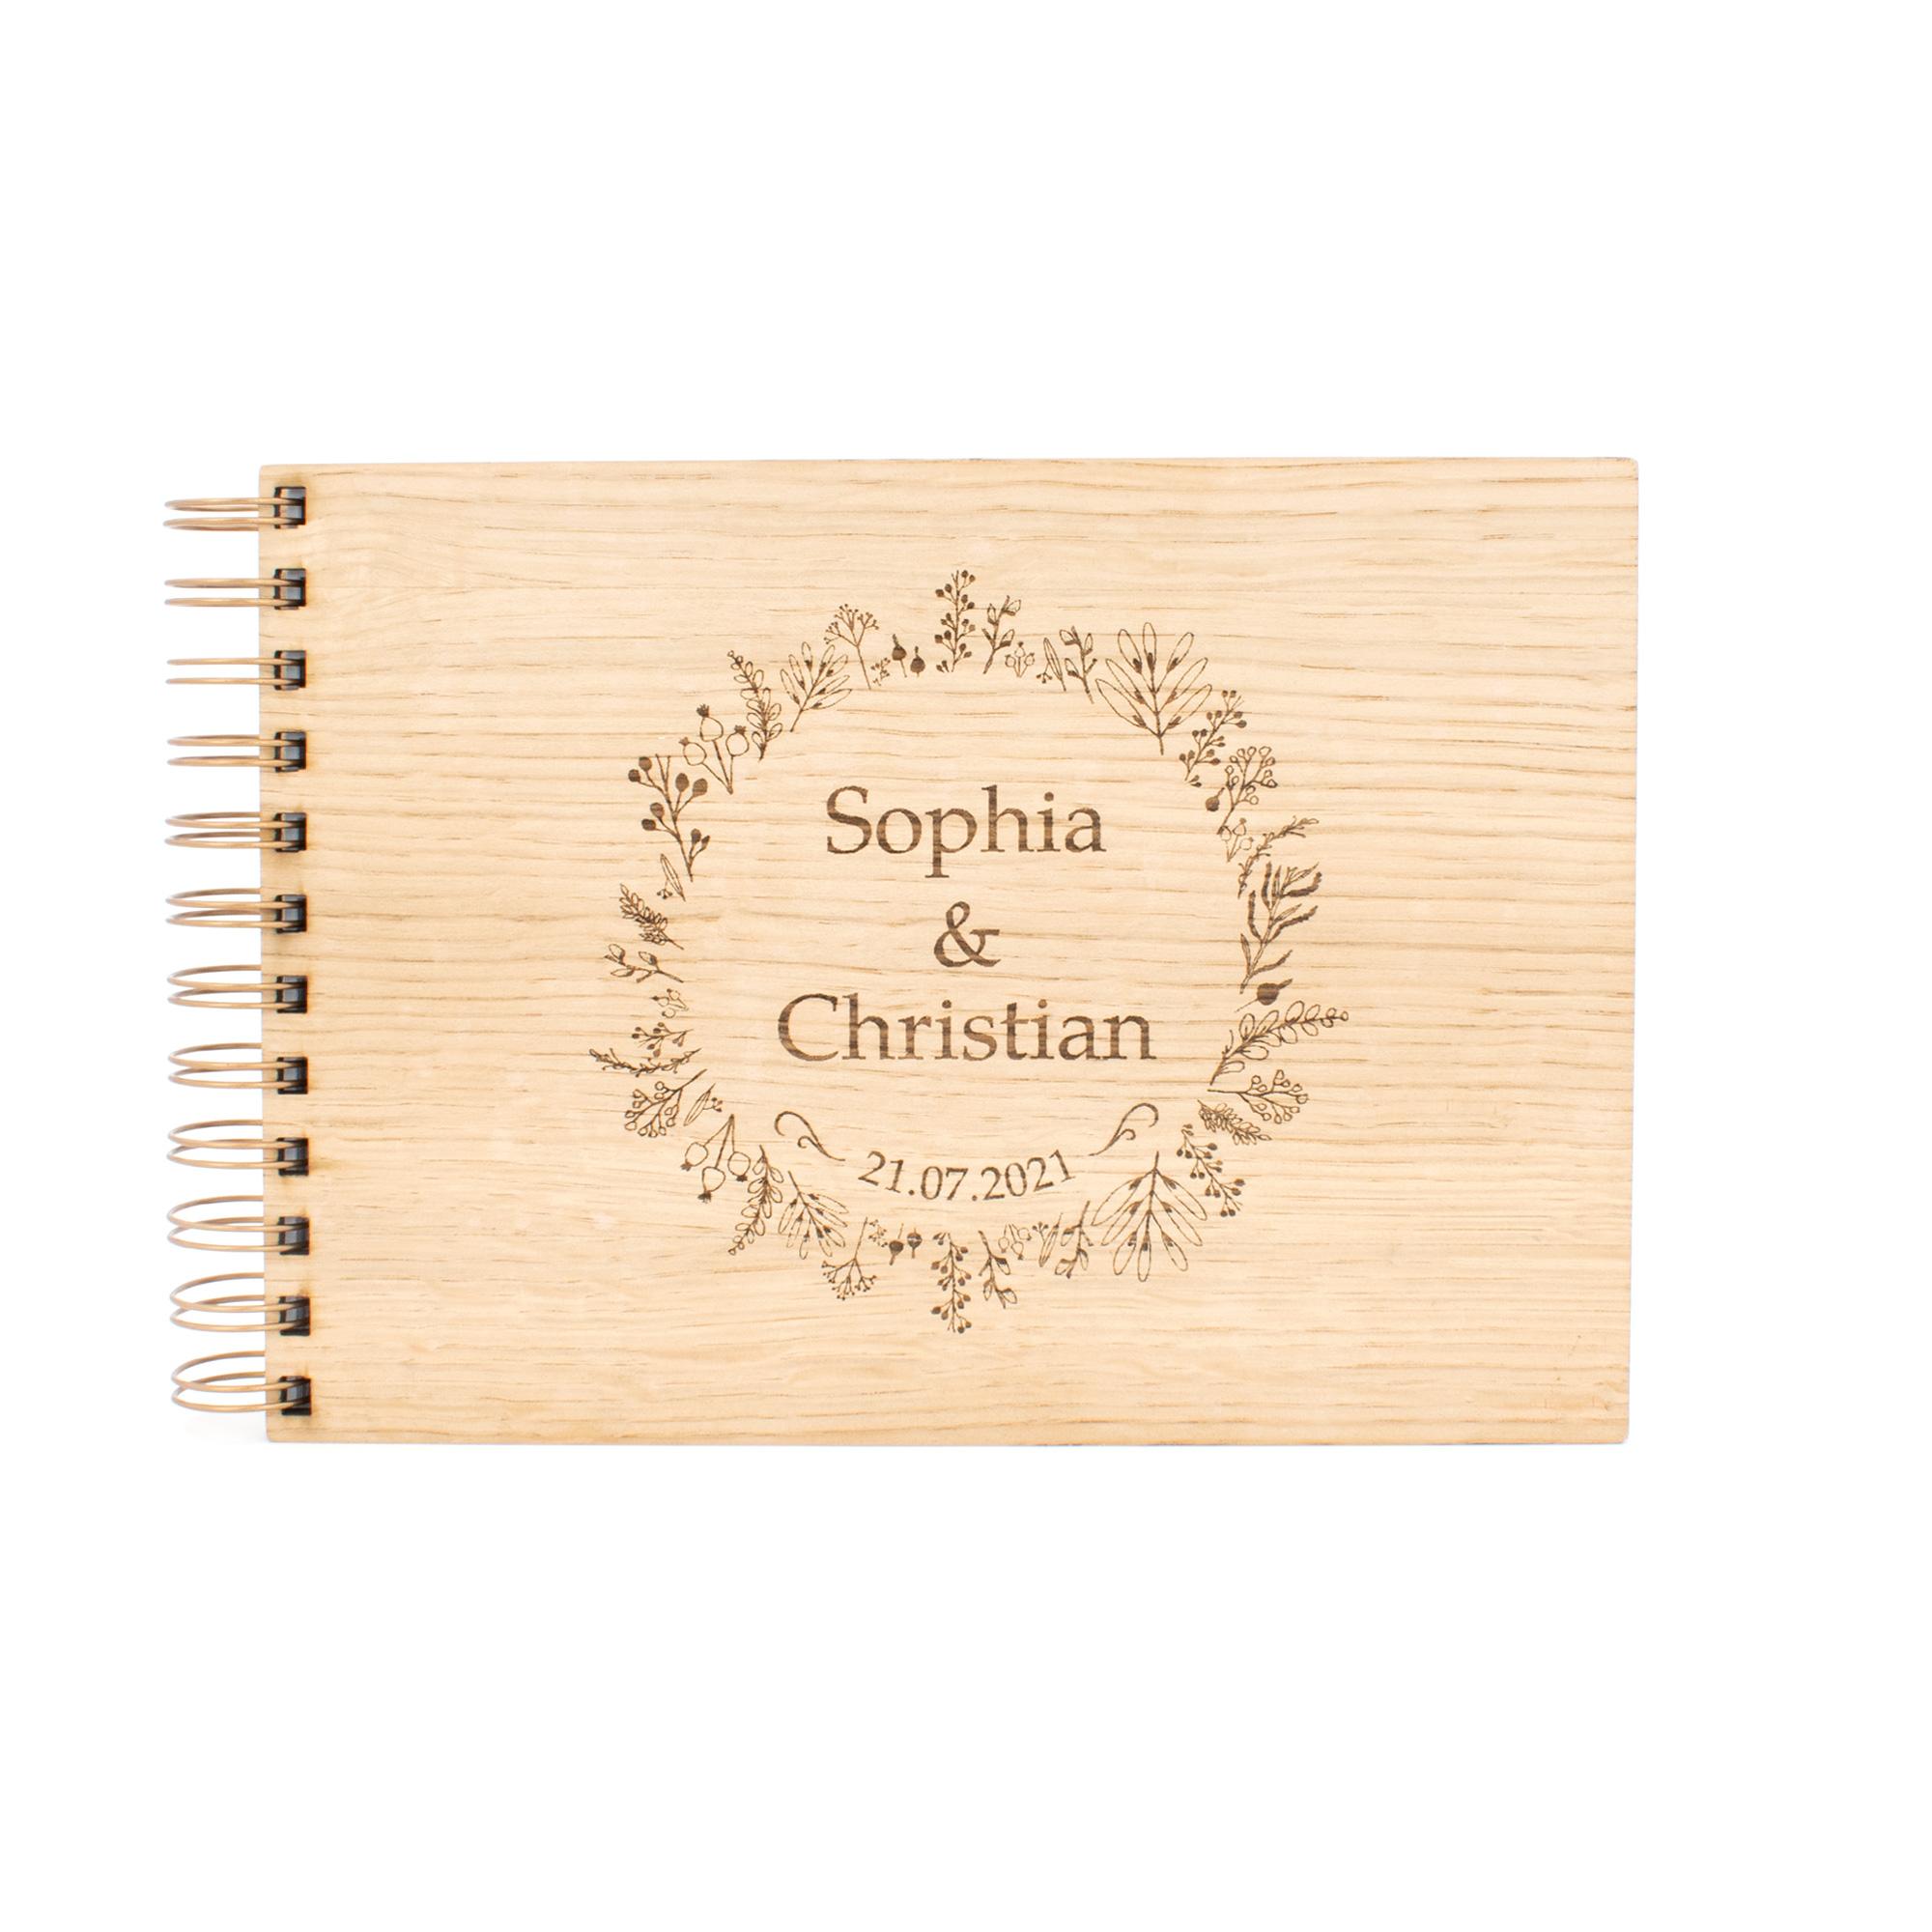 Personalisiertes Gästebuch zur Hochzeit mit Holzcover in elegantem Blumenkranz-Design graviert, frontal